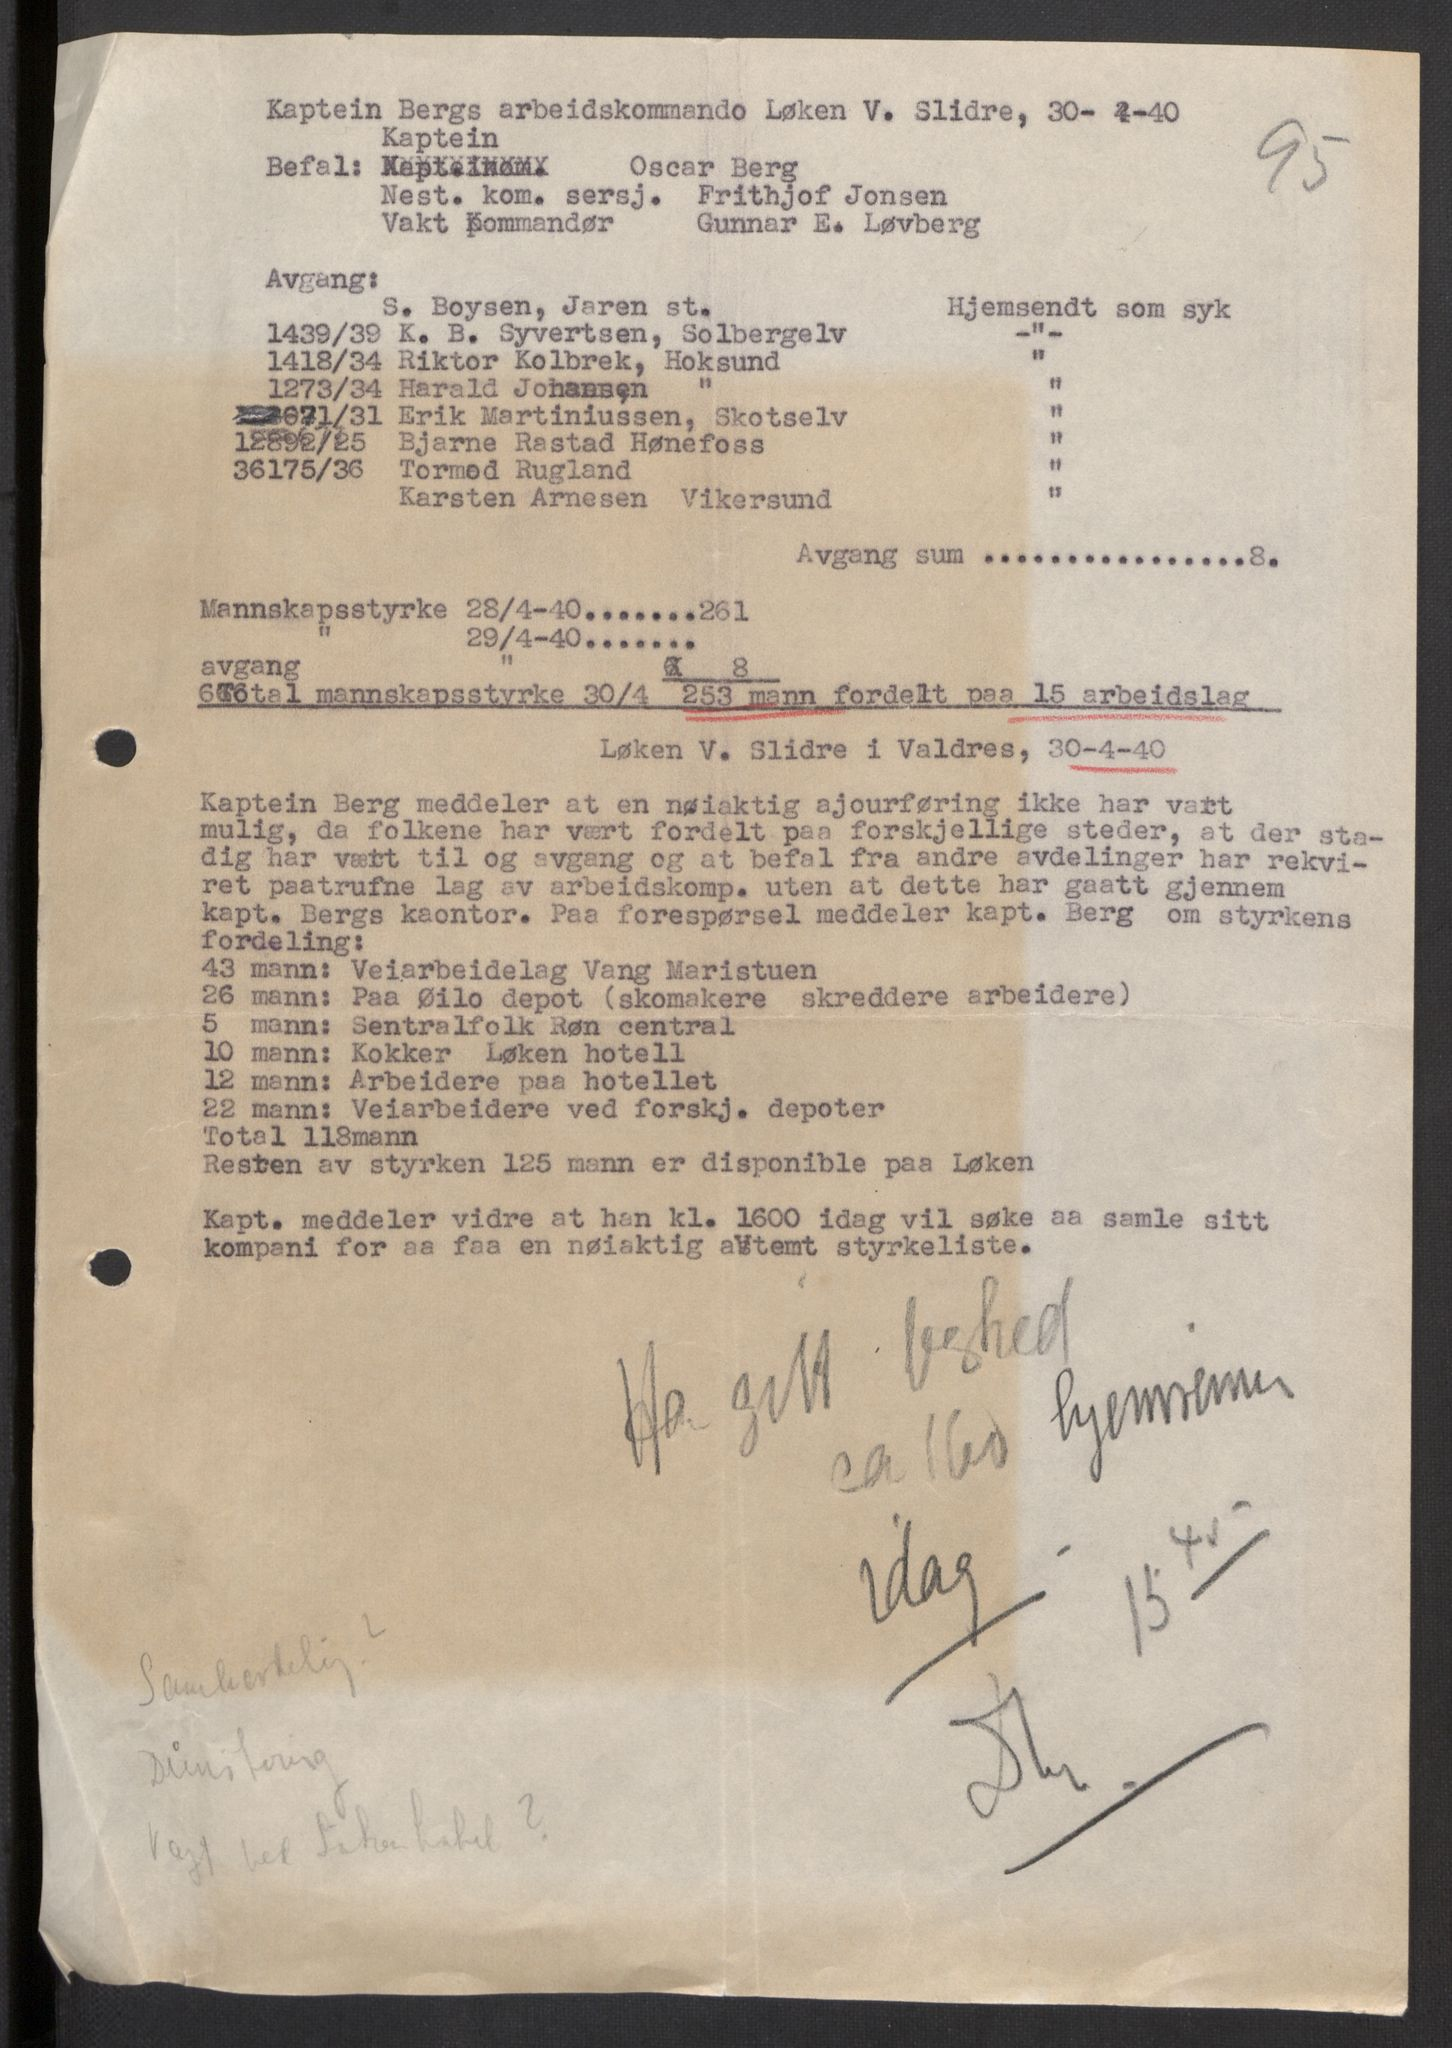 RA, Forsvaret, Forsvarets krigshistoriske avdeling, Y/Yb/L0104: II-C-11-430  -  4. Divisjon., 1940, s. 143